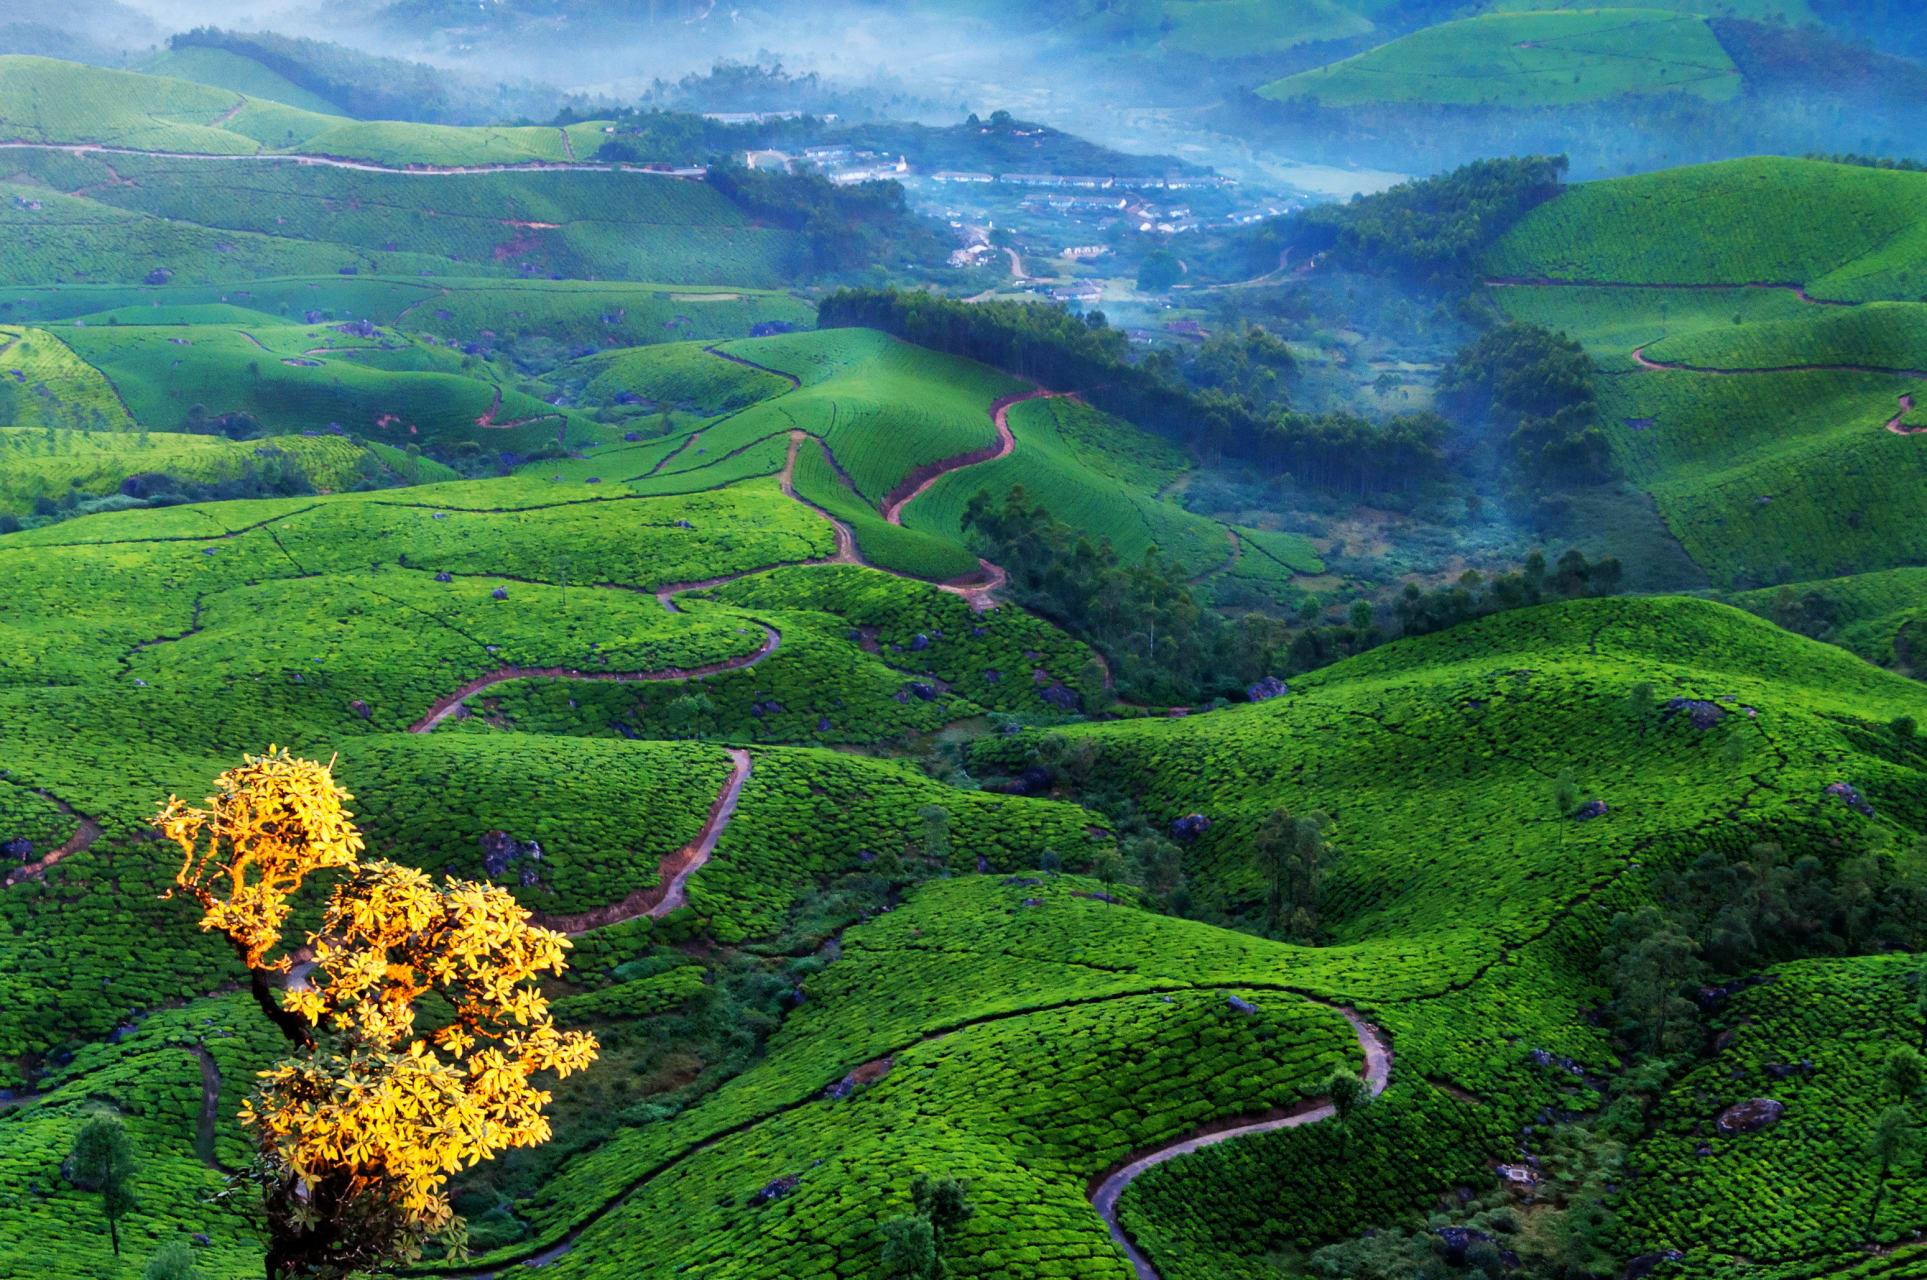 Kerala - A Road Trip With Ashraf